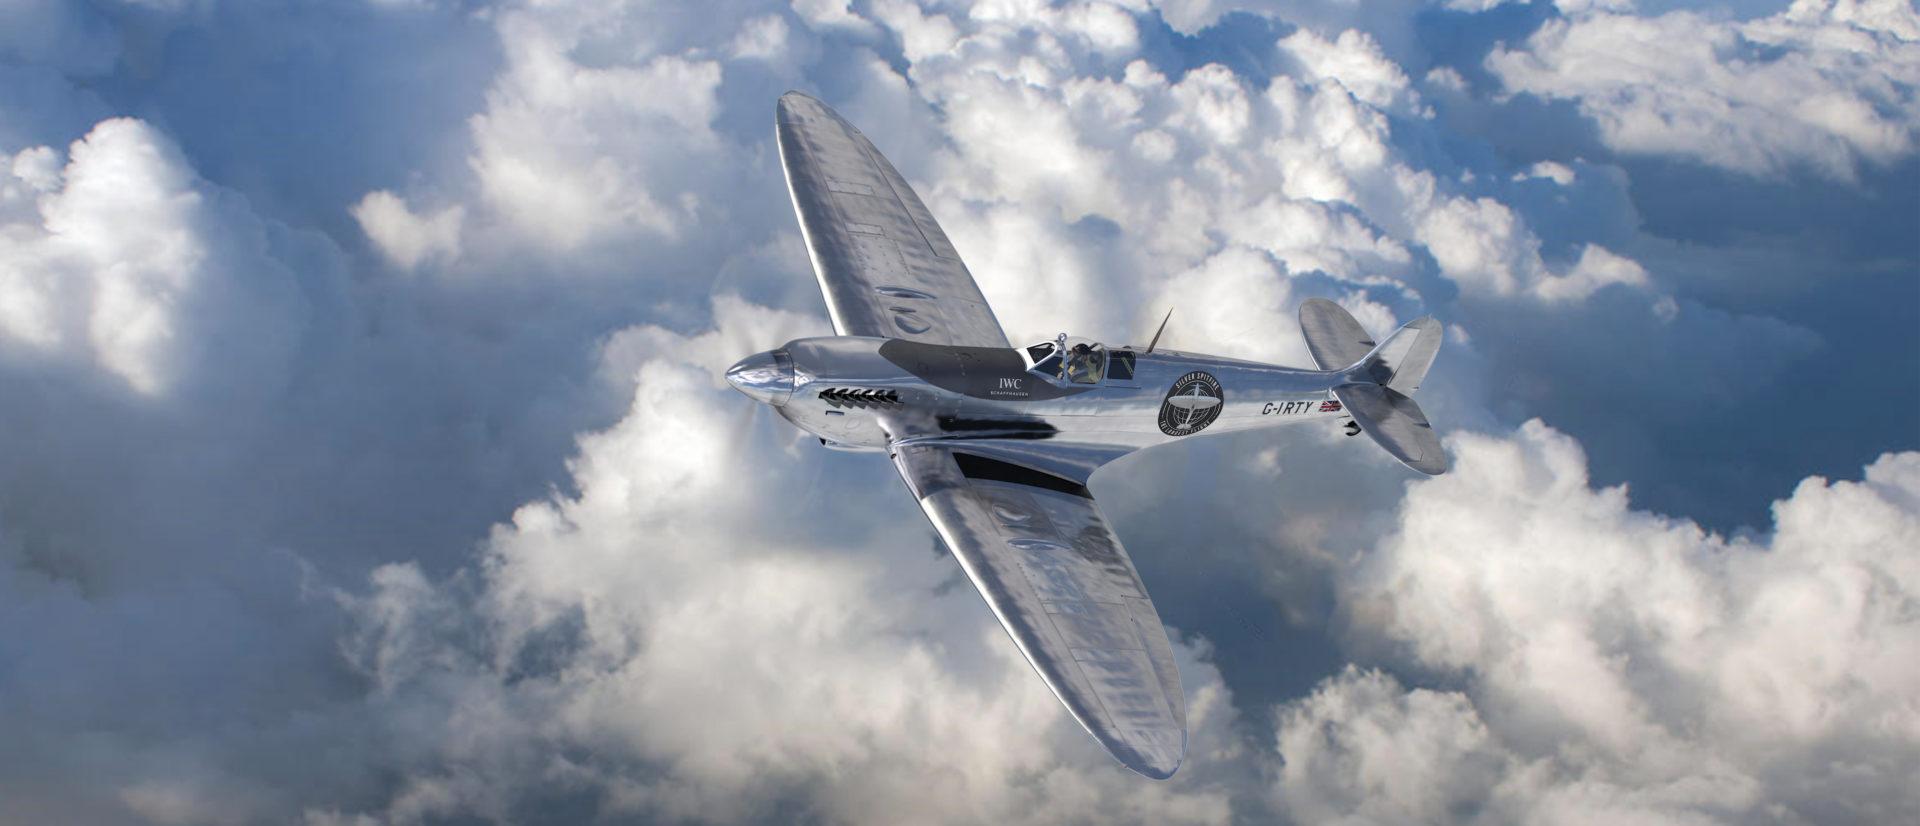 Silver Spitfire in mid flight